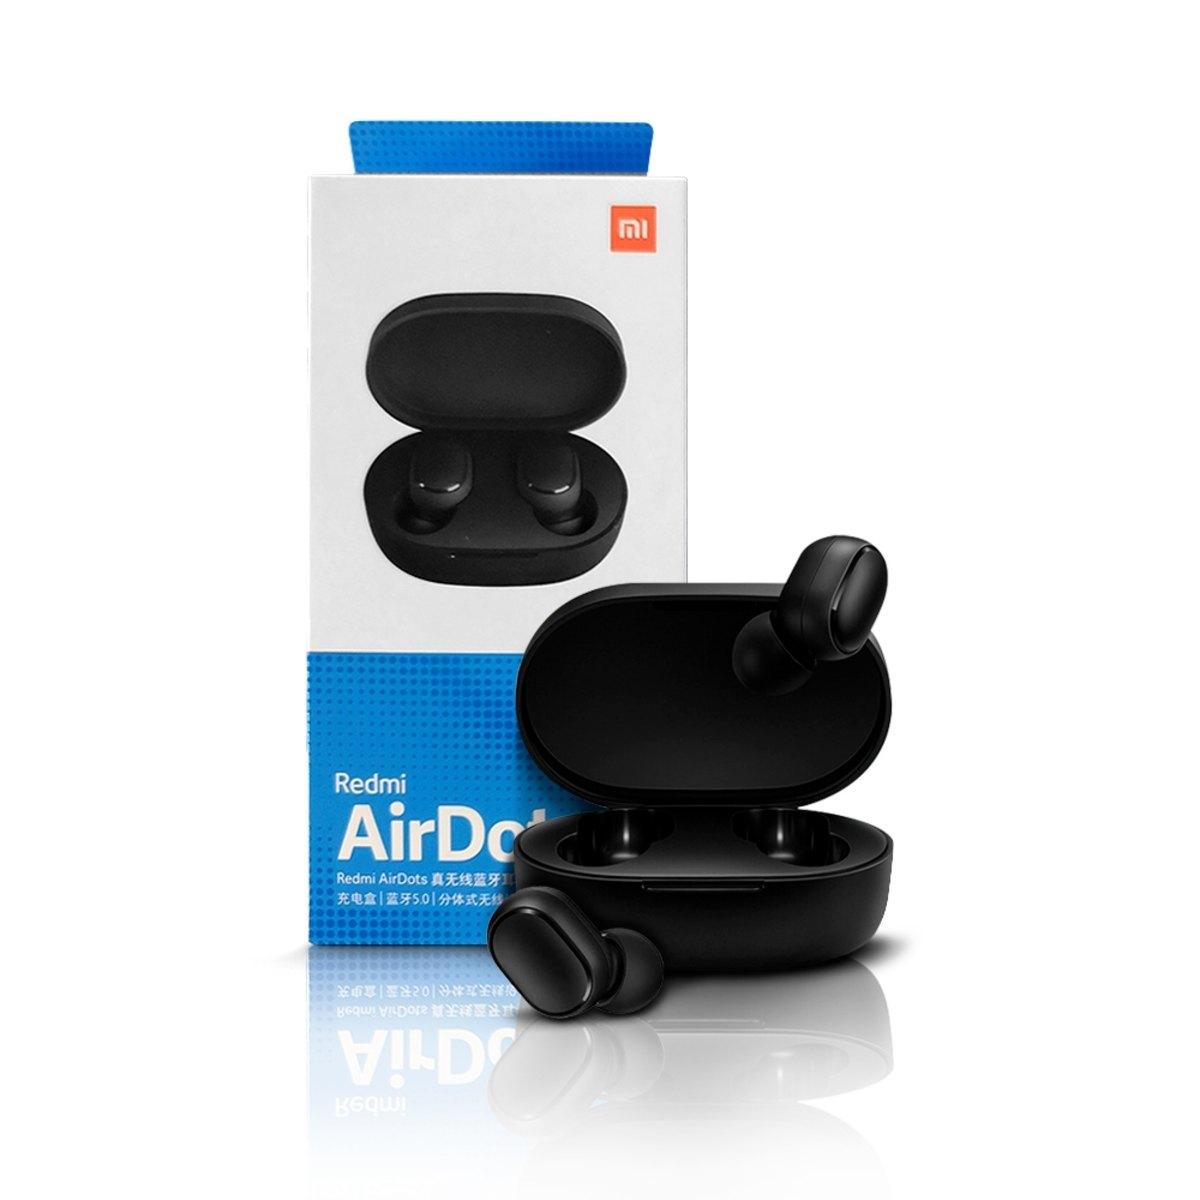 Fone de Ouvido Bluetooth Redmi AirDots S Lançamento 2020 - Xiaomi